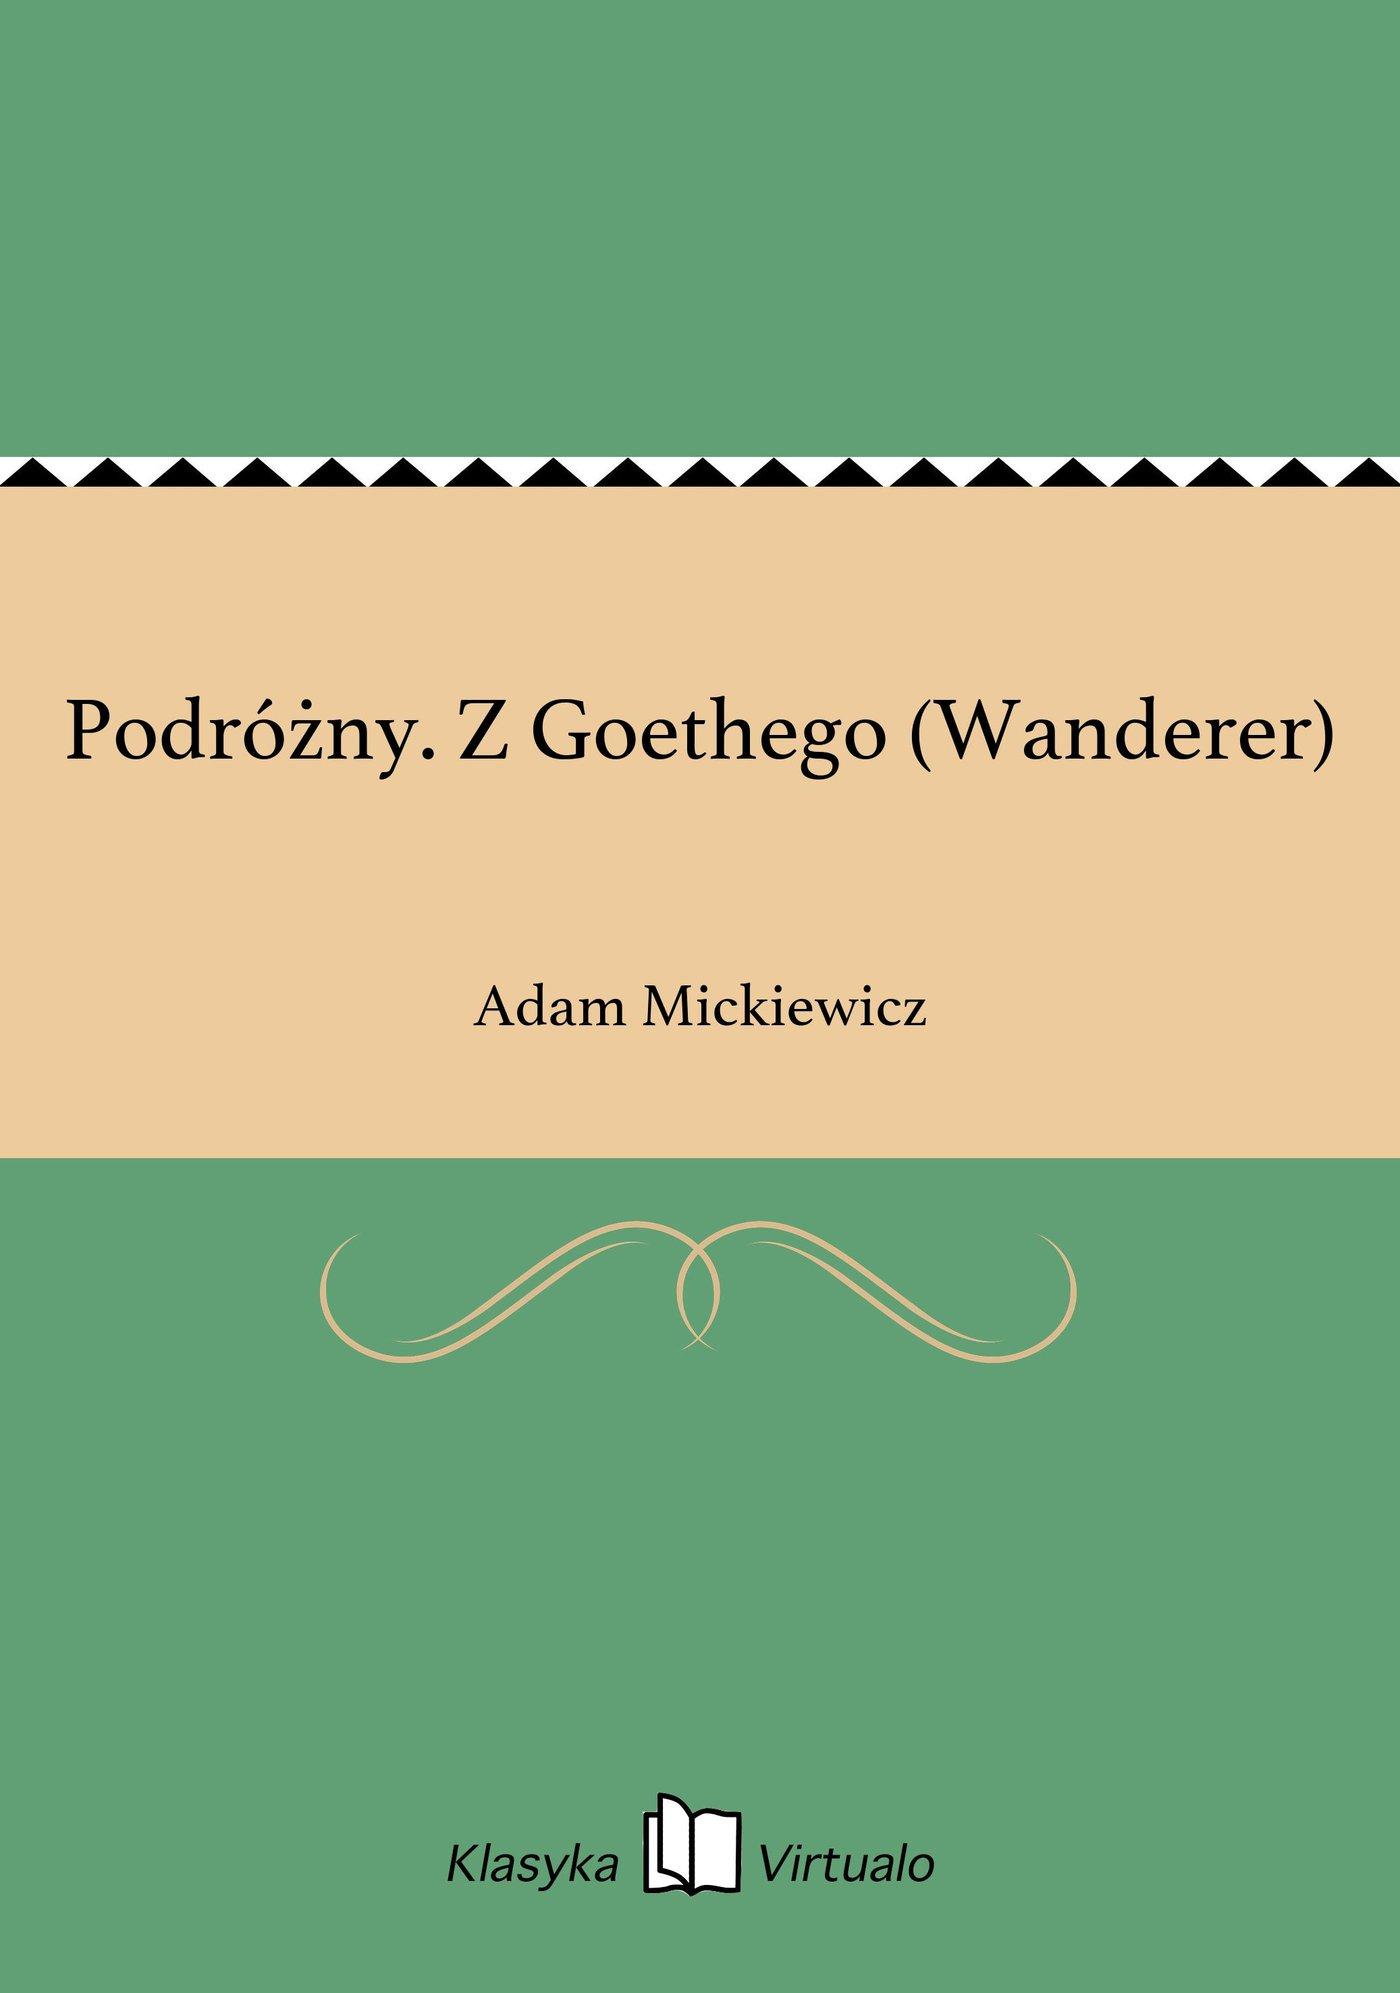 Podróżny. Z Goethego (Wanderer) - Ebook (Książka EPUB) do pobrania w formacie EPUB